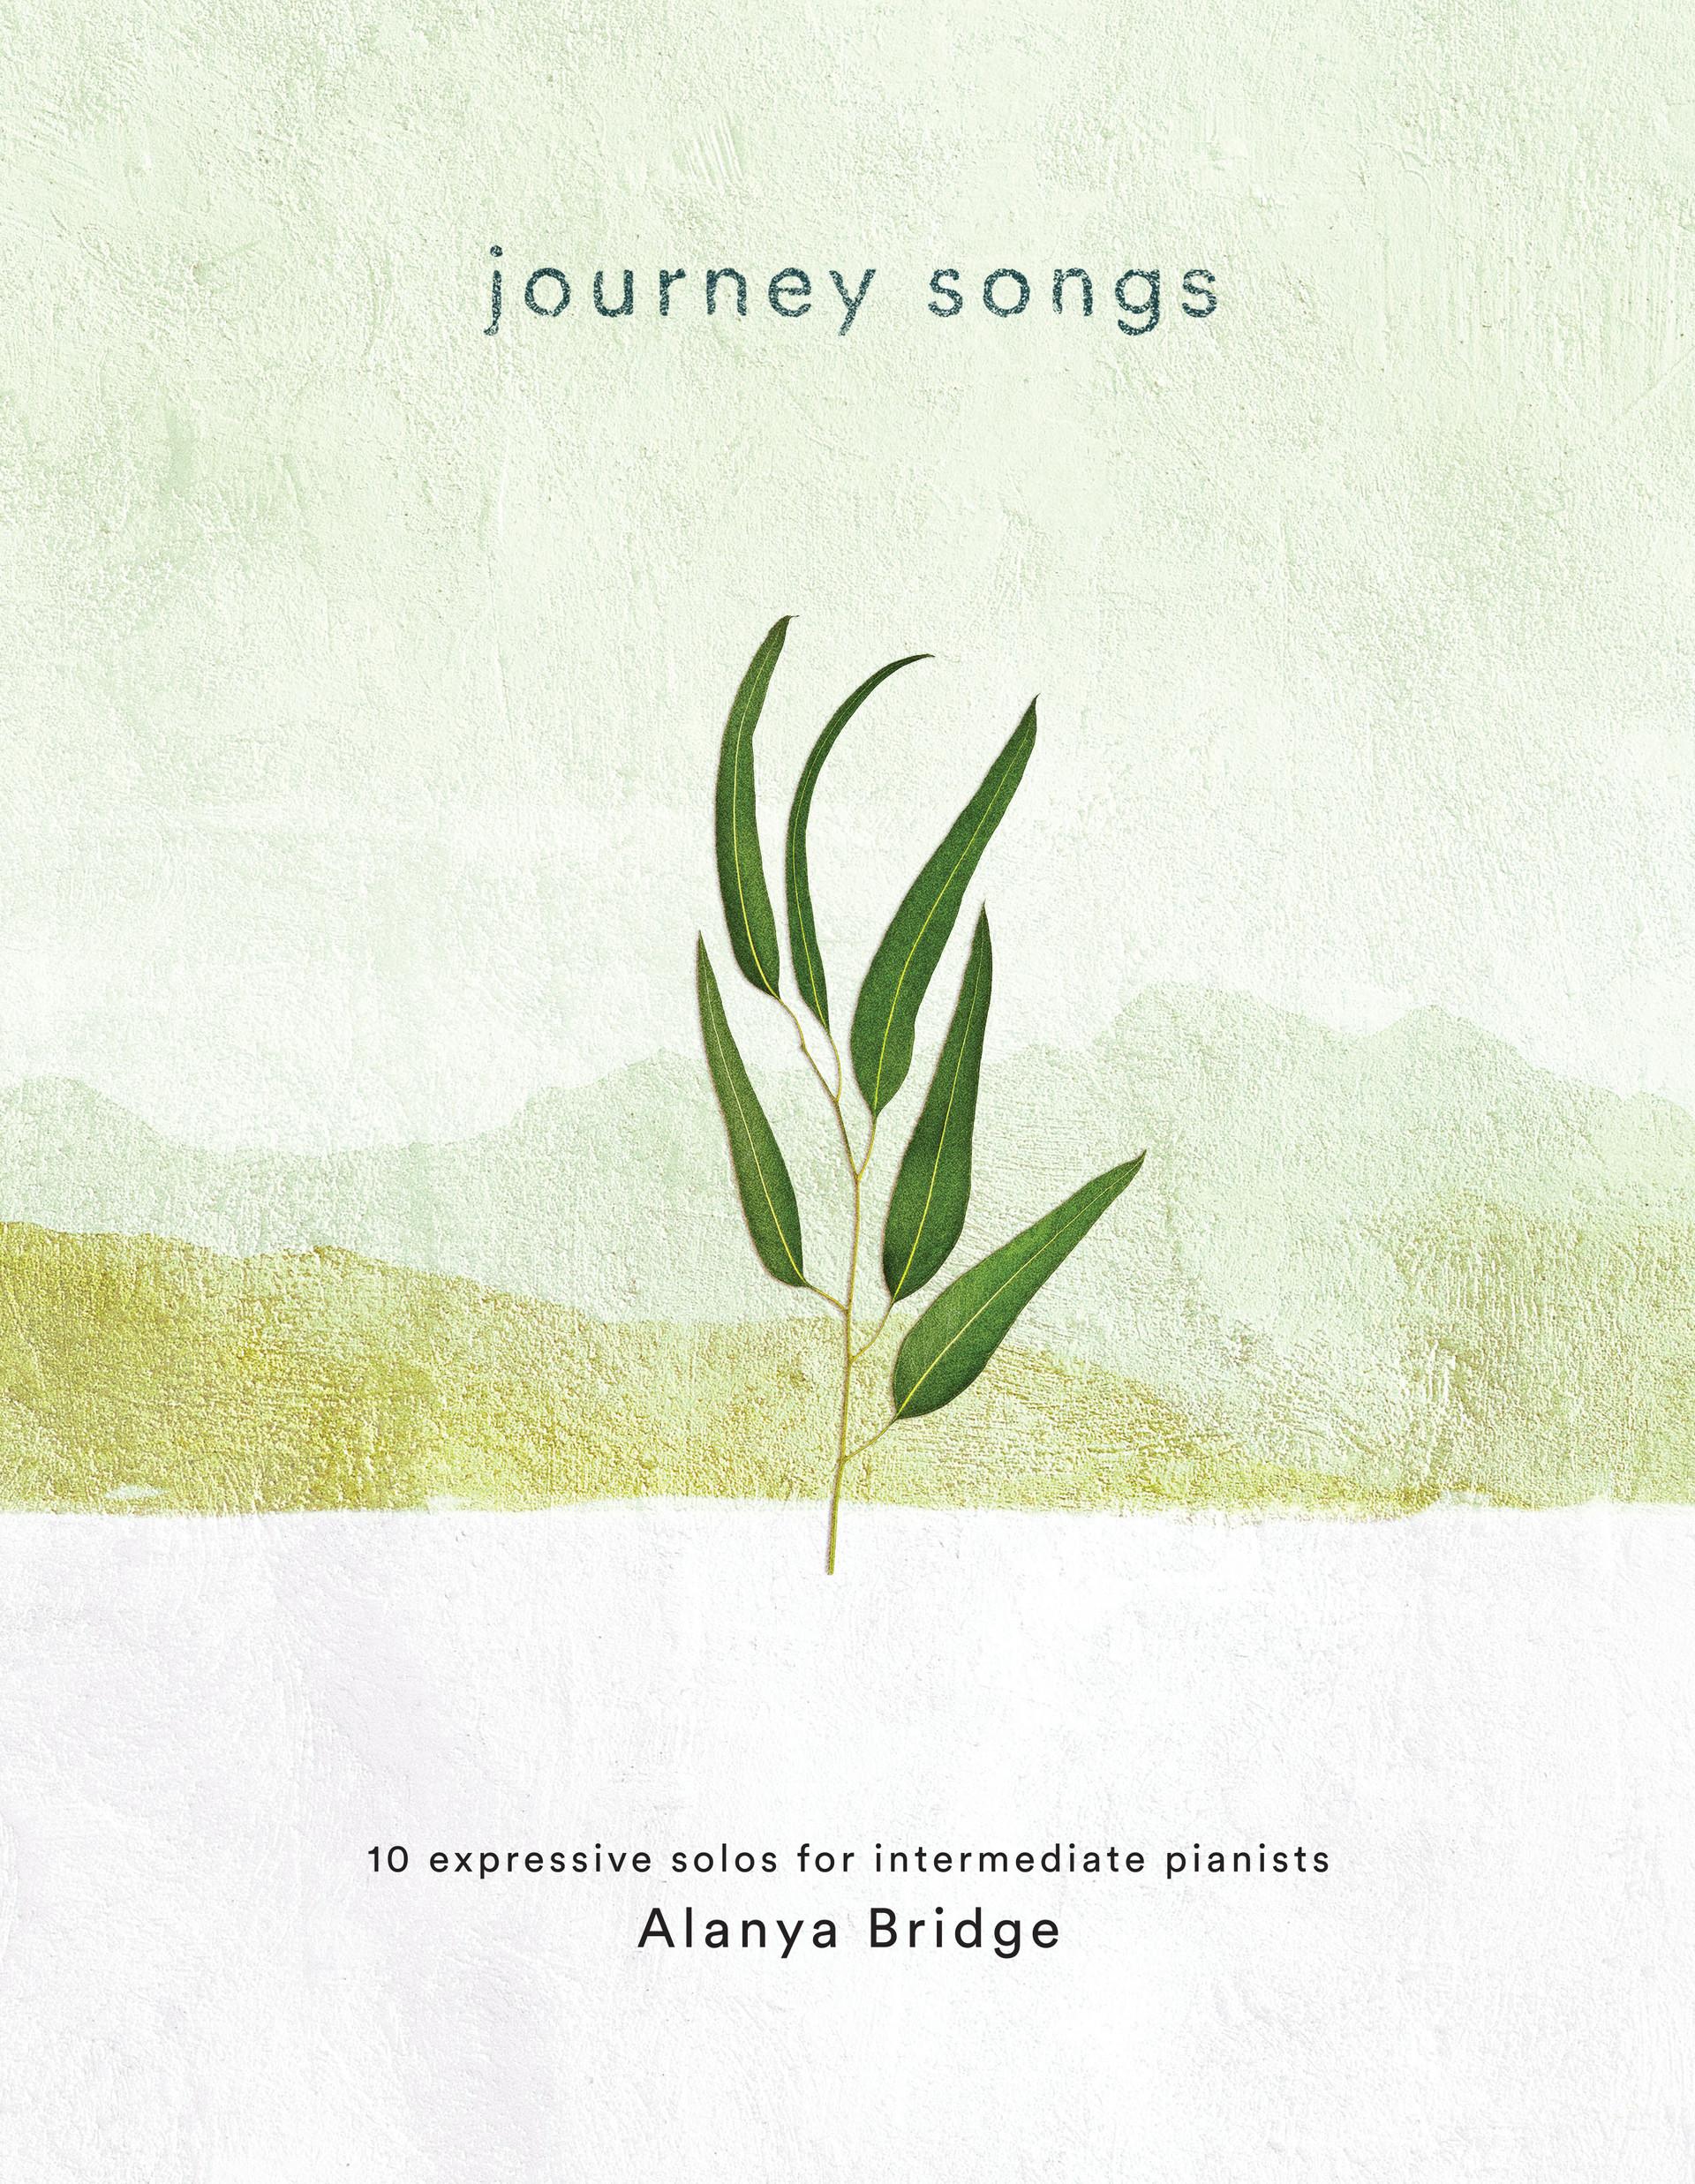 AB002_Journey Songs_Cover.jpg